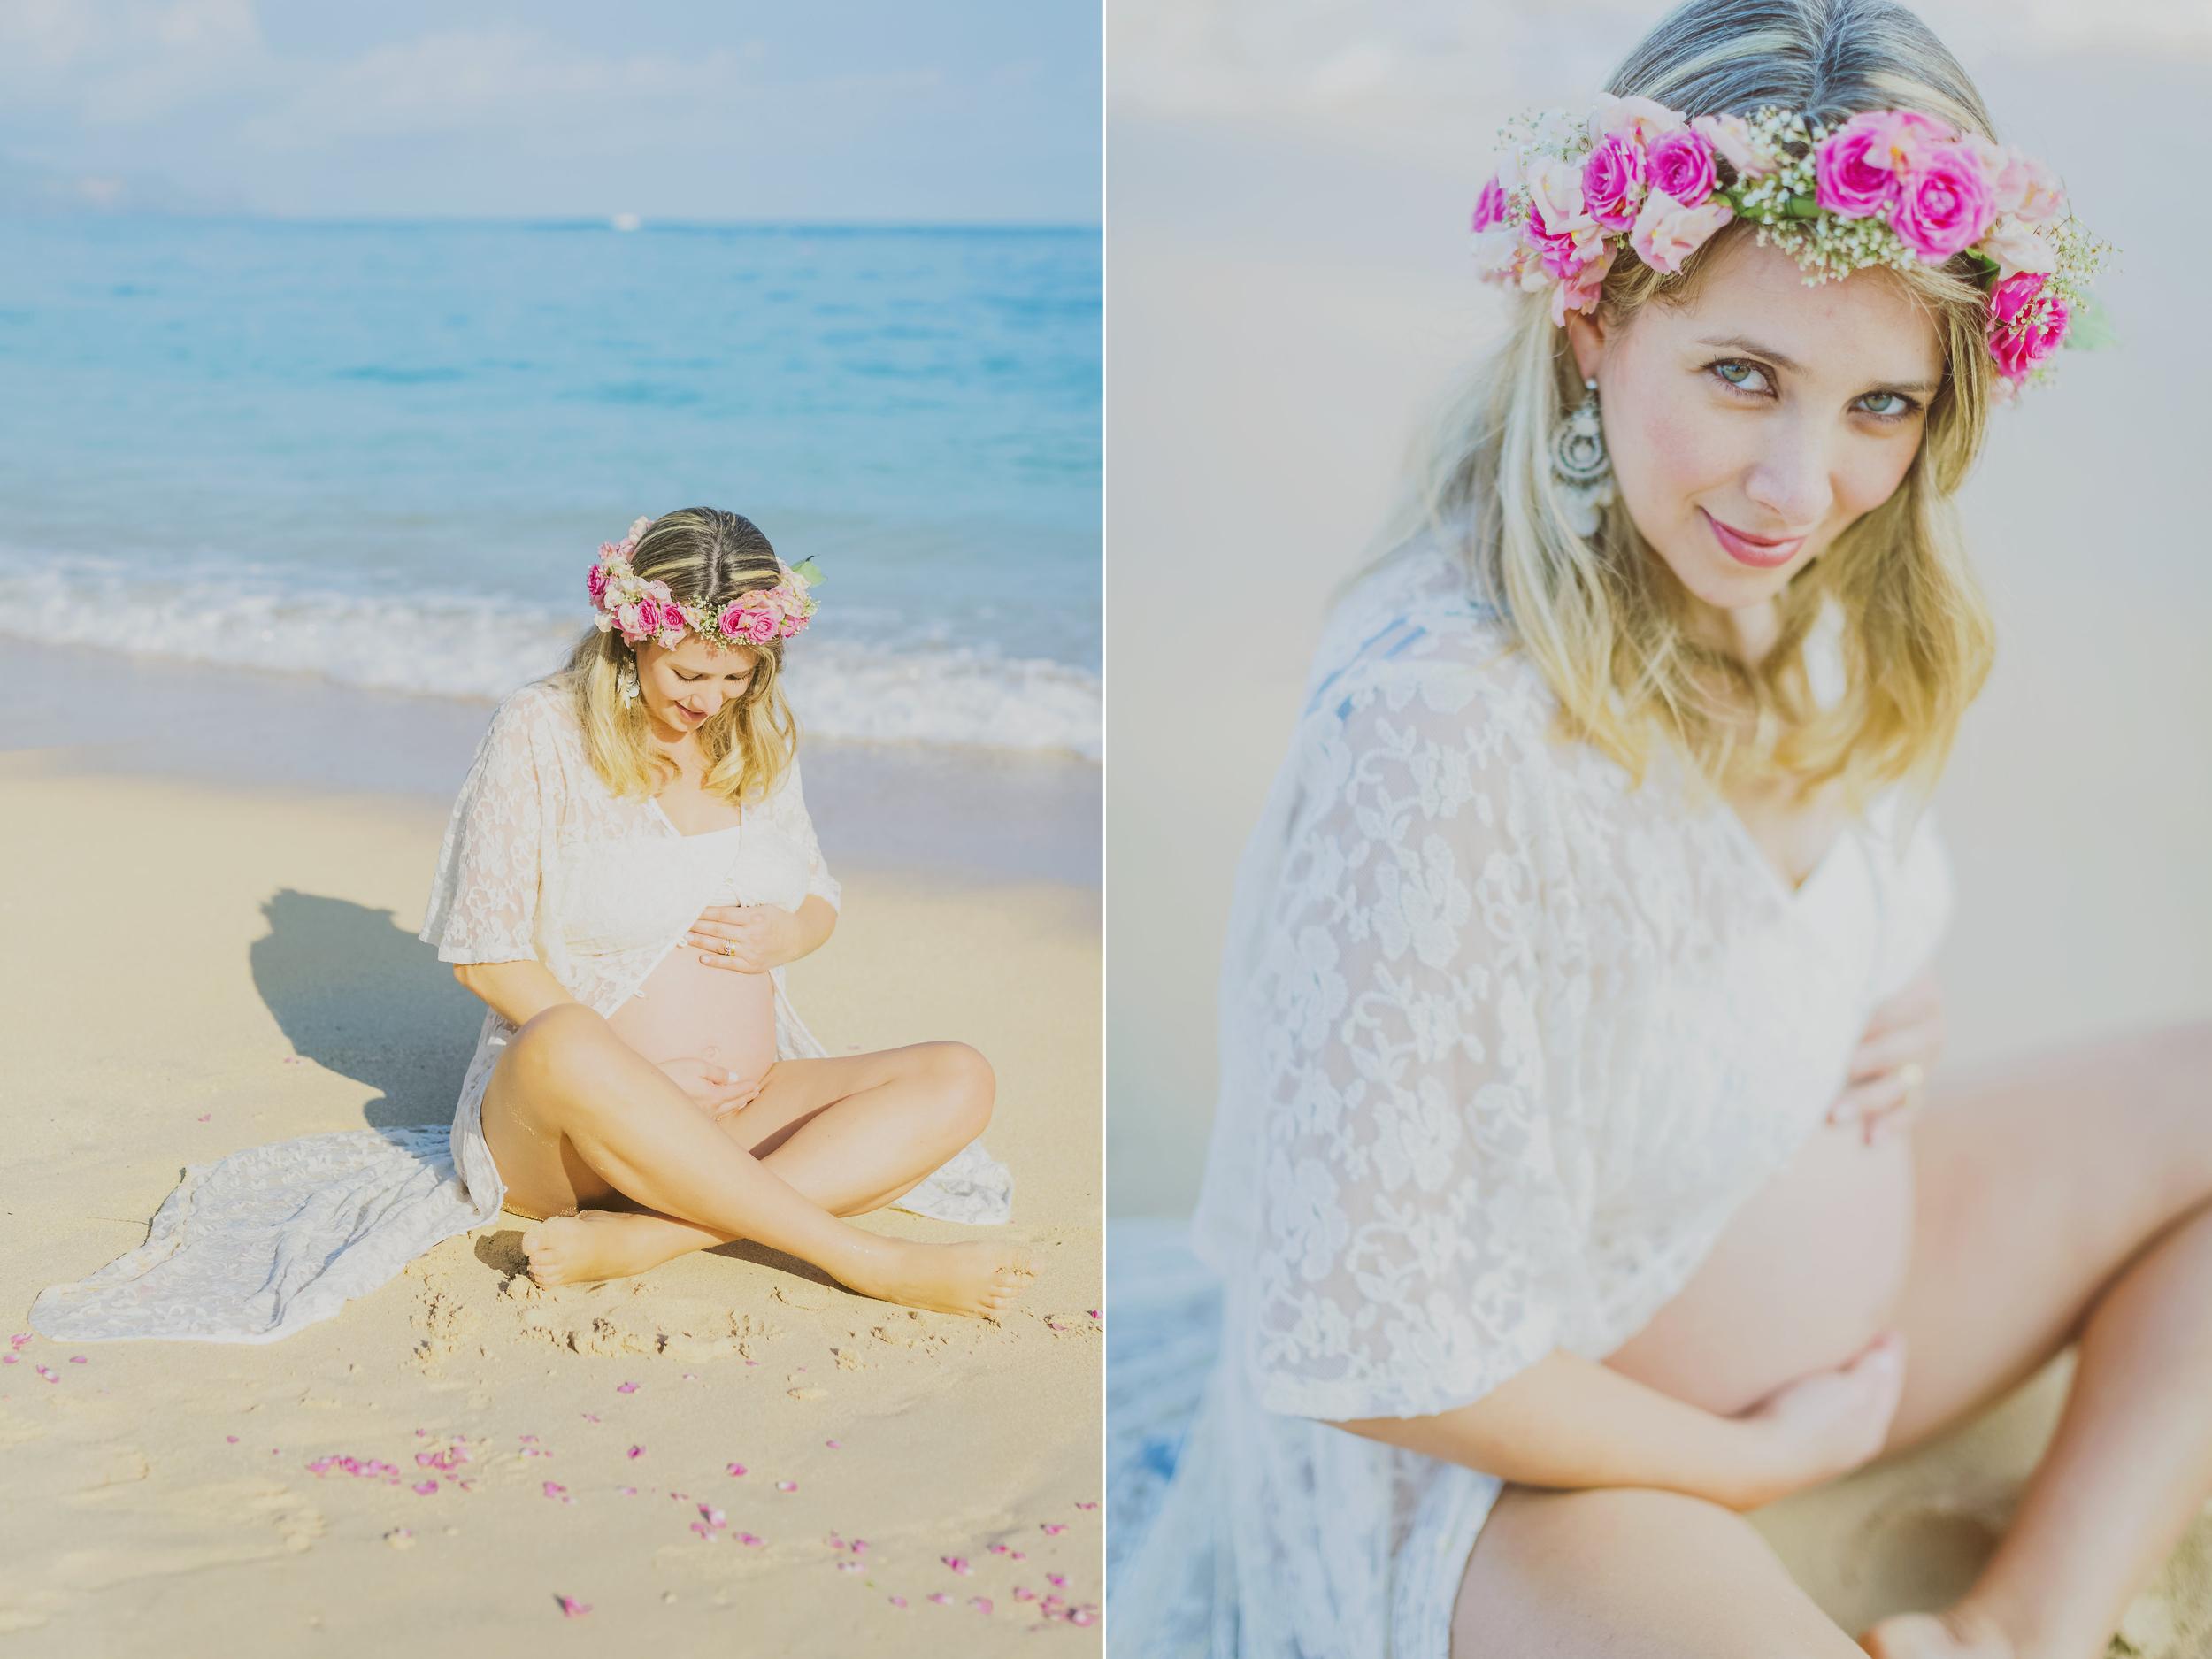 angie-diaz-photography-maui-family-maternity-kanaha-beach-14.jpg